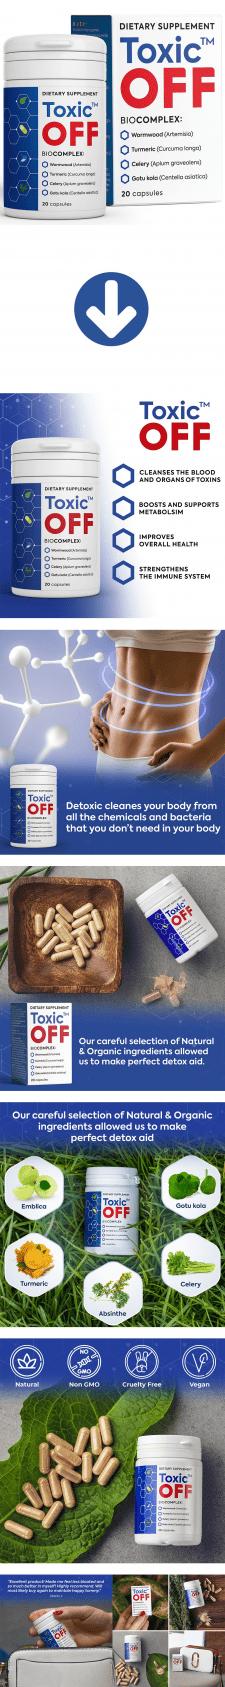 Листинг Amazon - Toxic Off Detox Herbal Supplement